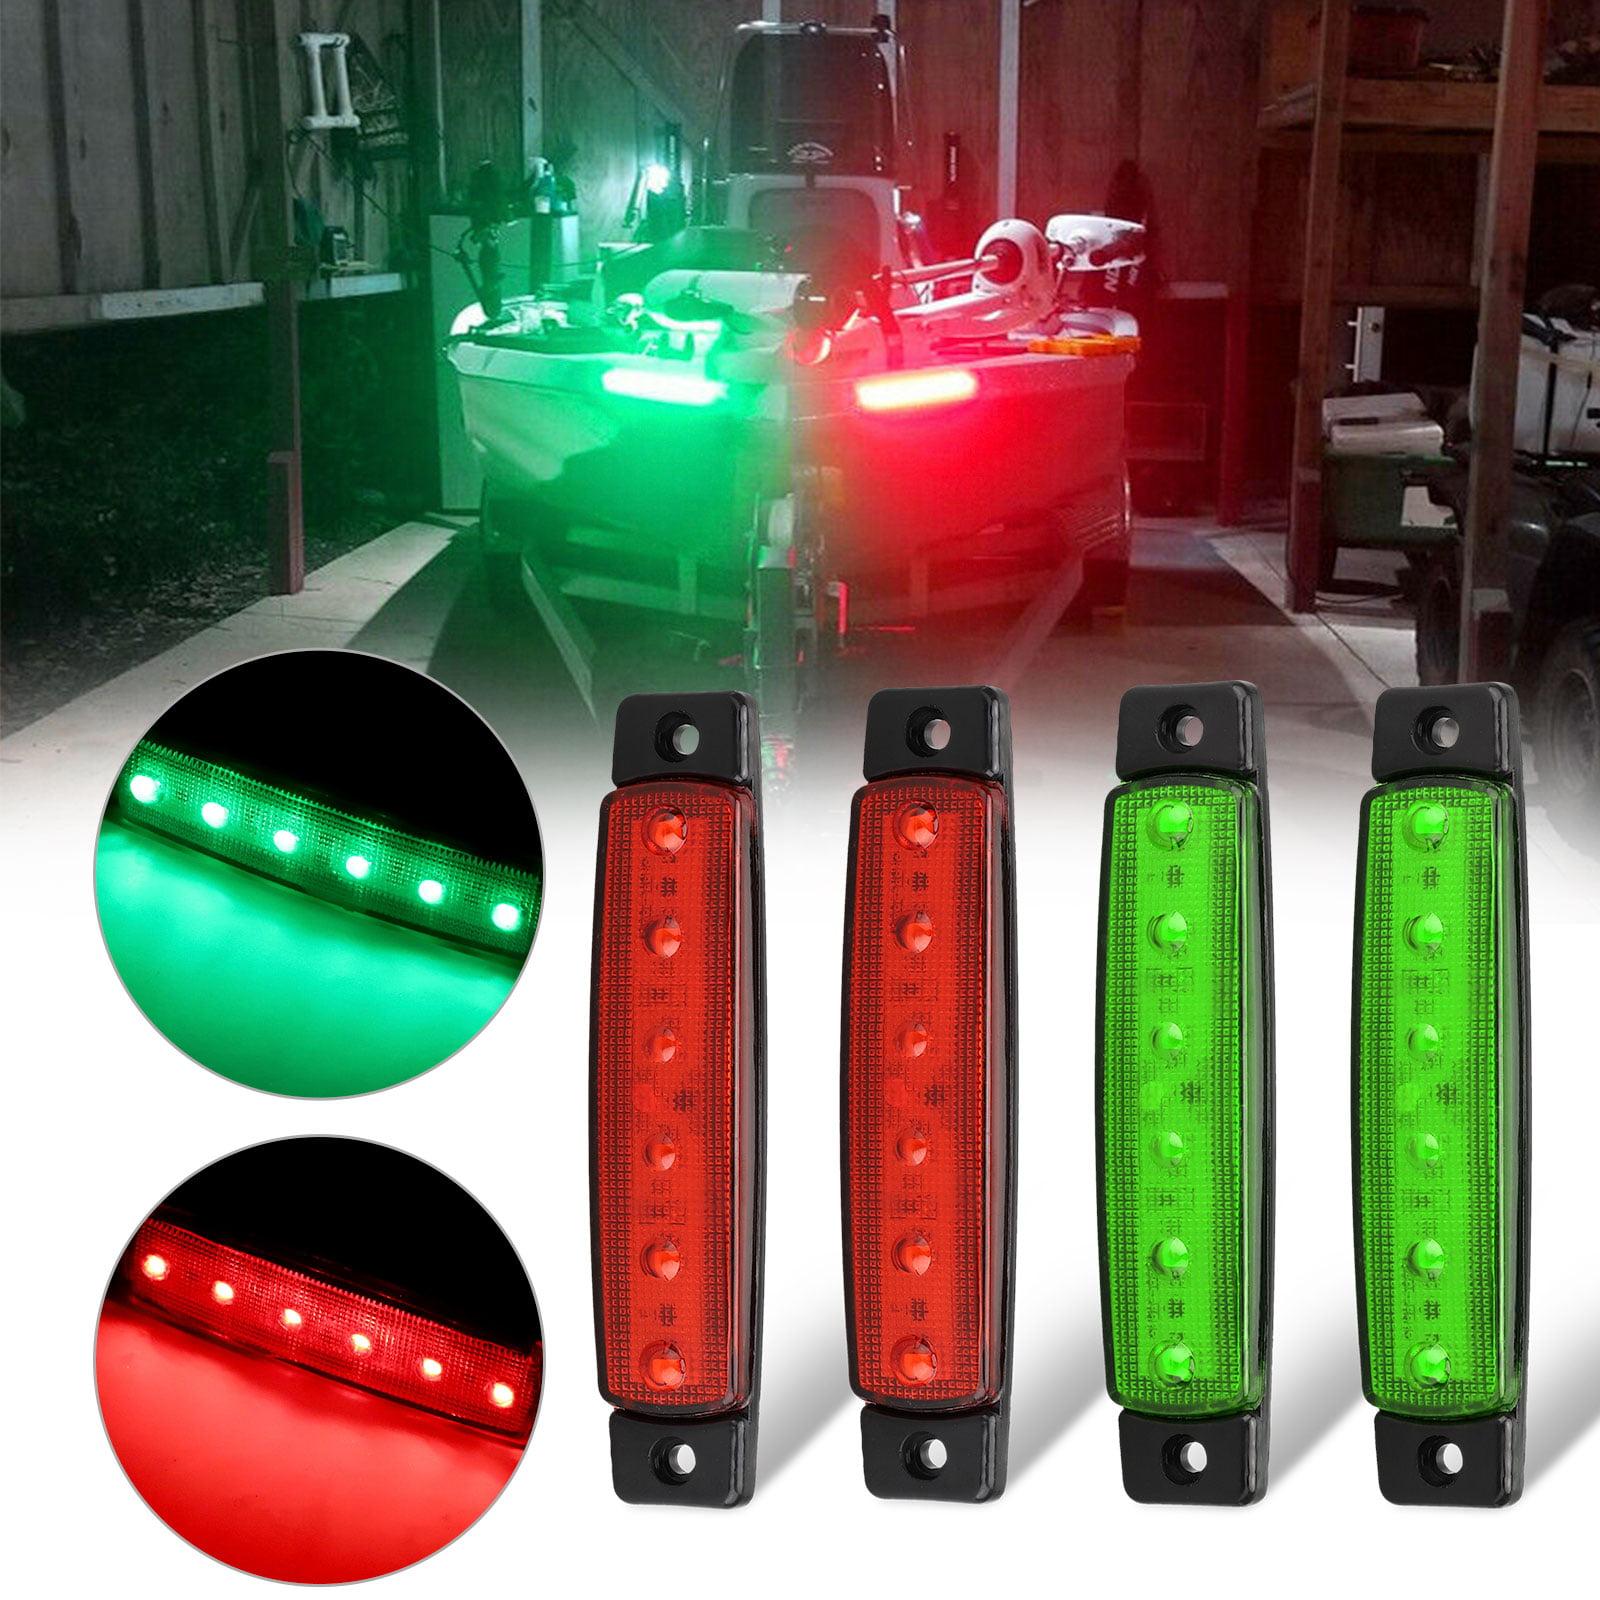 Kingshowstar Boat Navigation Light 12V LED Boat Bow Lights Stainless Steel Marine Red//Green Signal Light Indicator for Pontoon Kayak Boat Yacht Motorboat